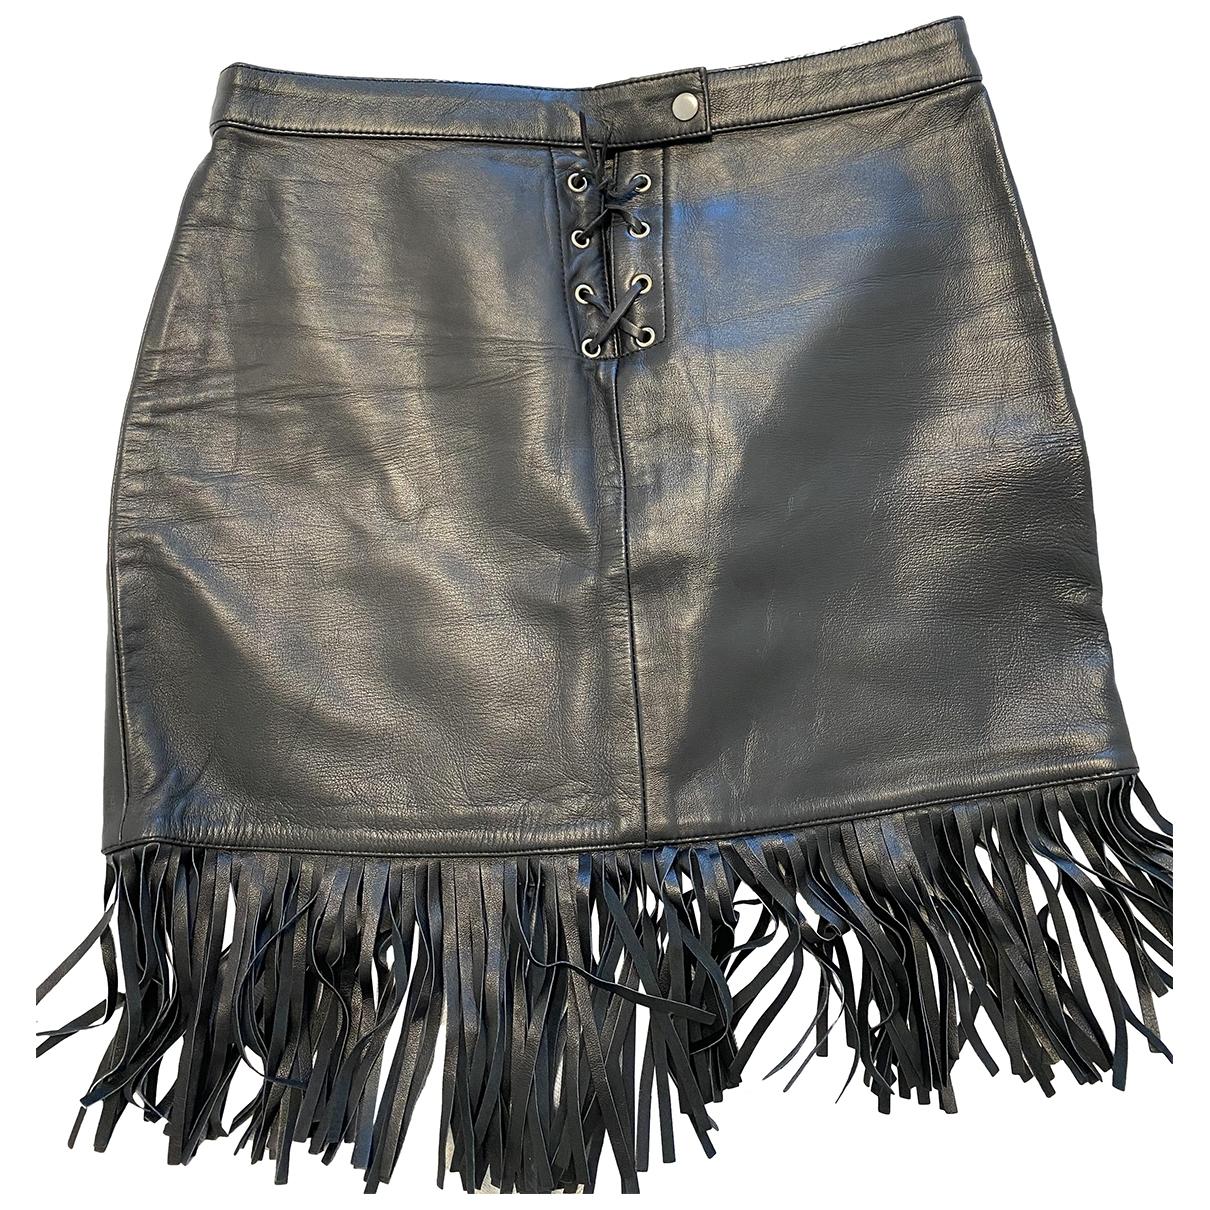 Maje - Jupe Spring Summer 2019 pour femme en cuir - noir